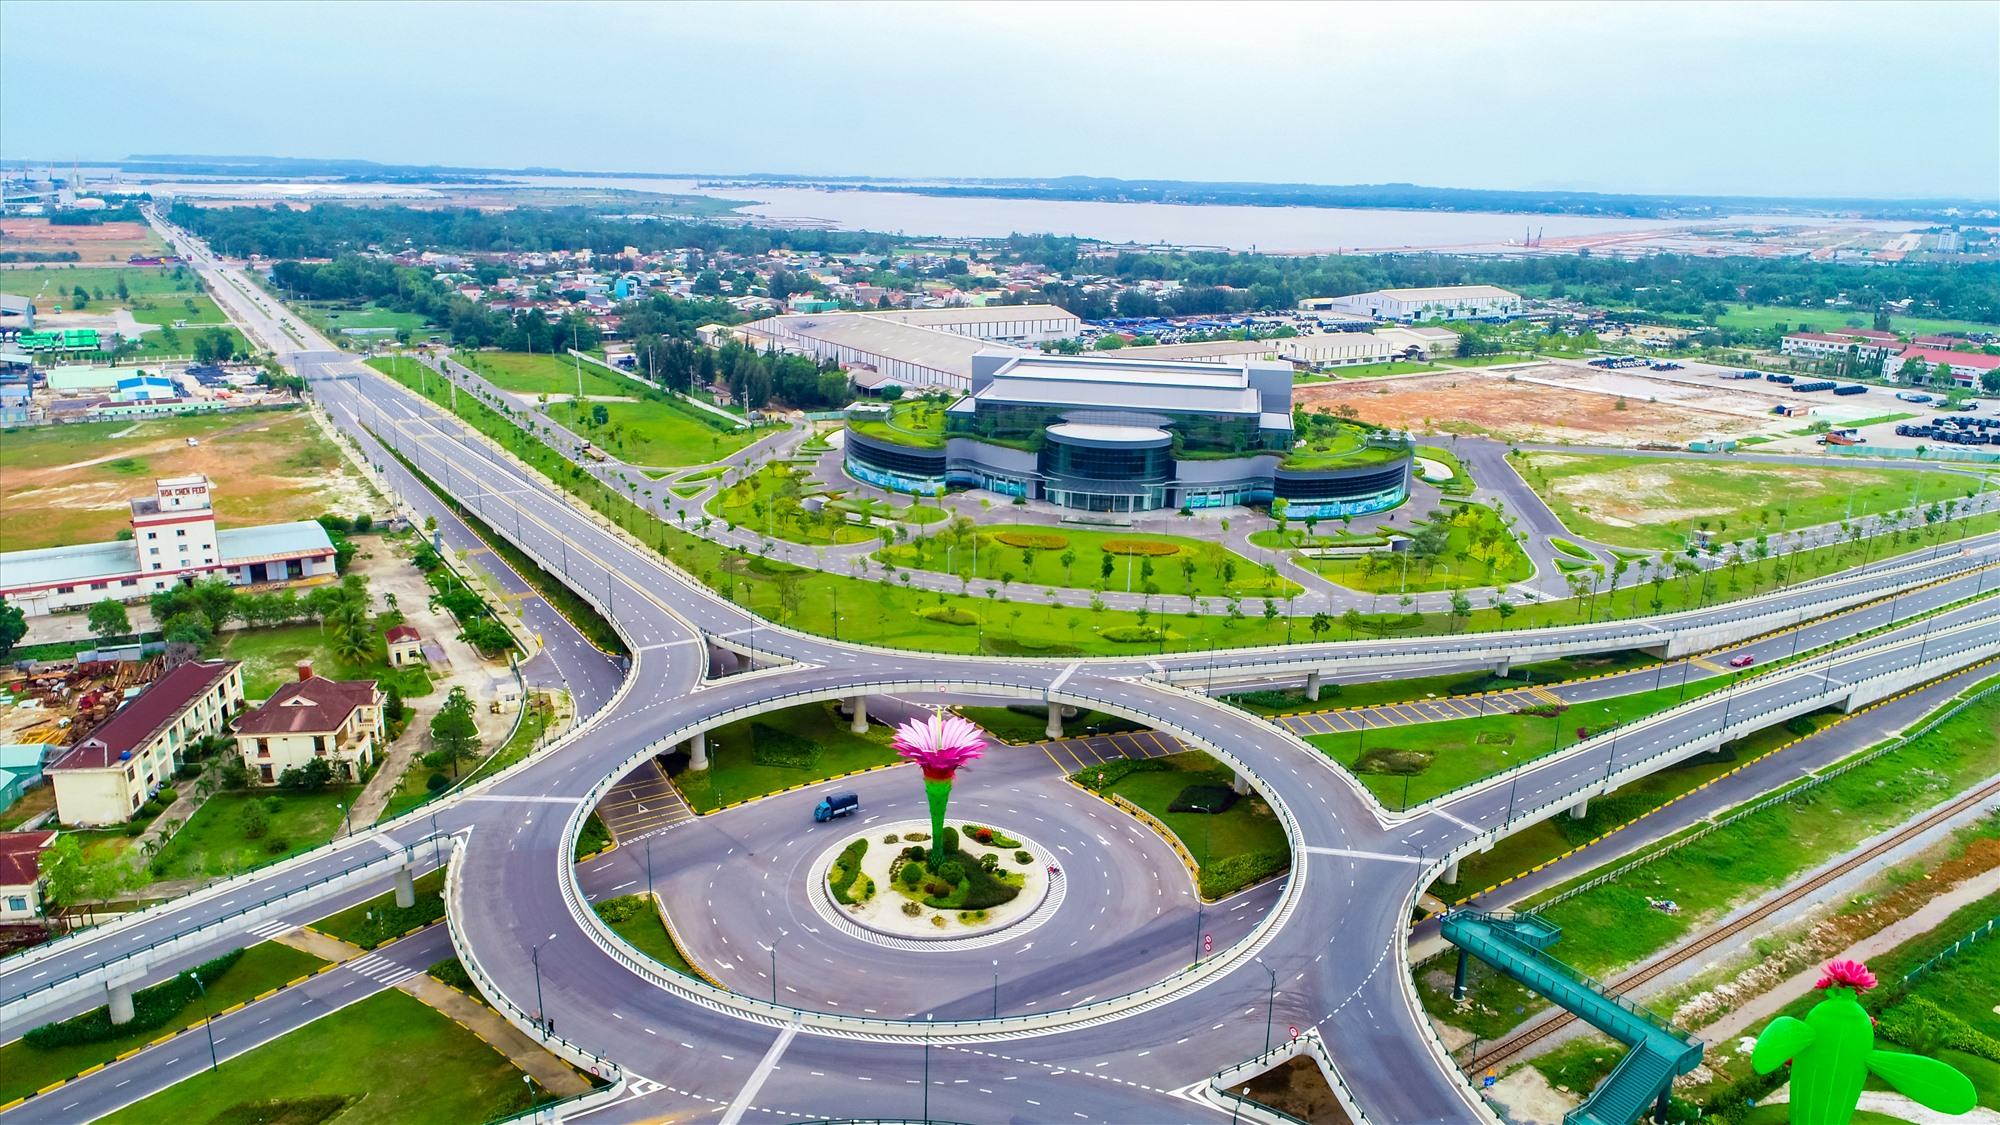 Chu Lai Riverside nằm ở vị trí cửa ngõ các KCN thuộc Khu kinh tế mở Chu Lai.